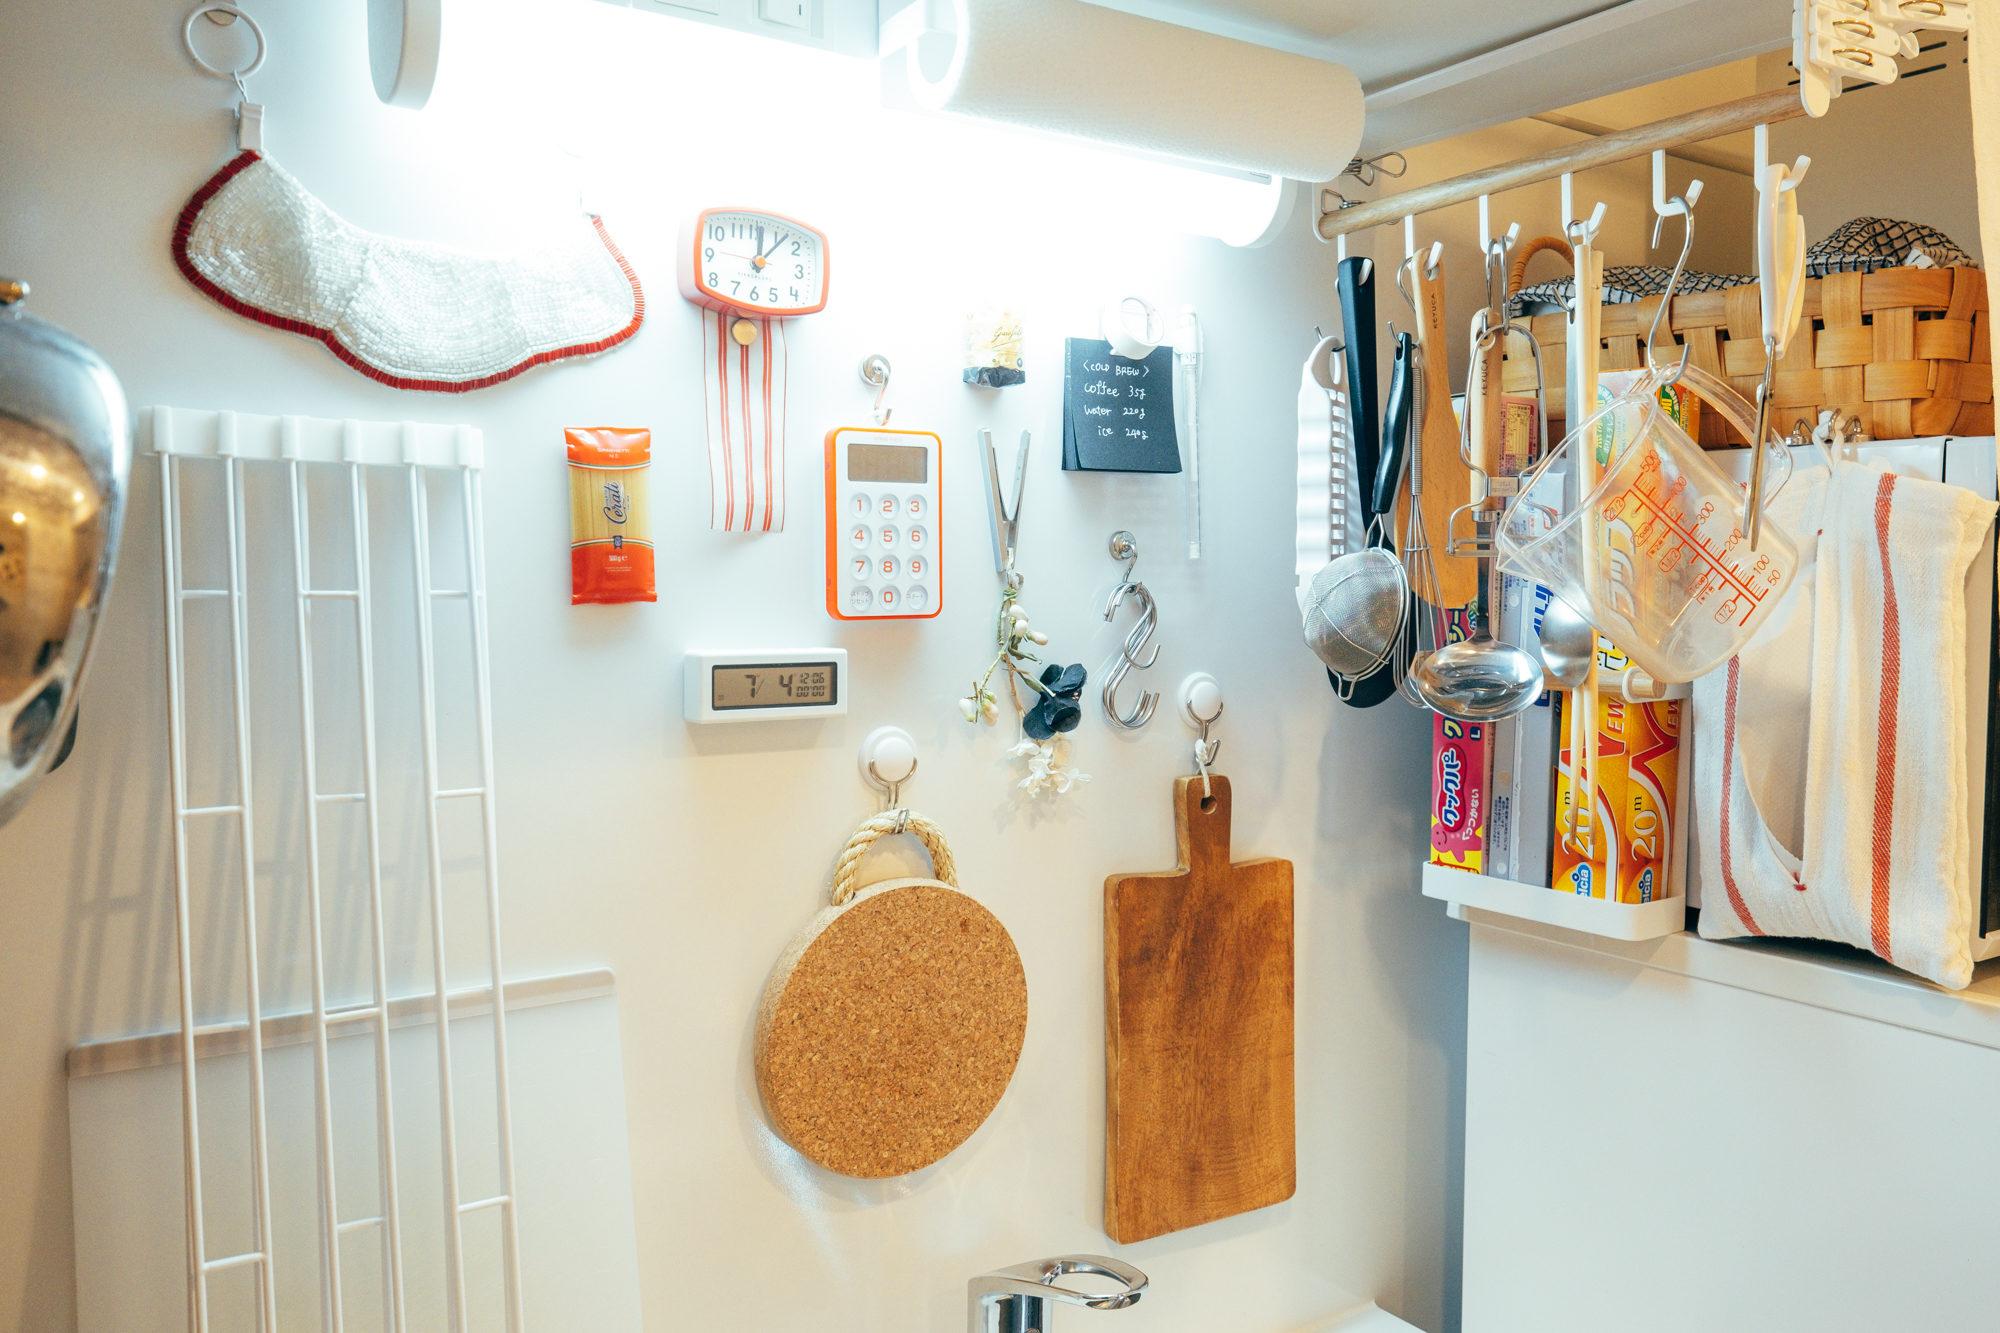 たとえば一人暮らし用のコンパクトなキッチンでは、こんな風にバランスよく調理器具を飾ることで、収納面でも視覚的にも十分「飾り」になるんですね。(このお部屋をもっと見る)